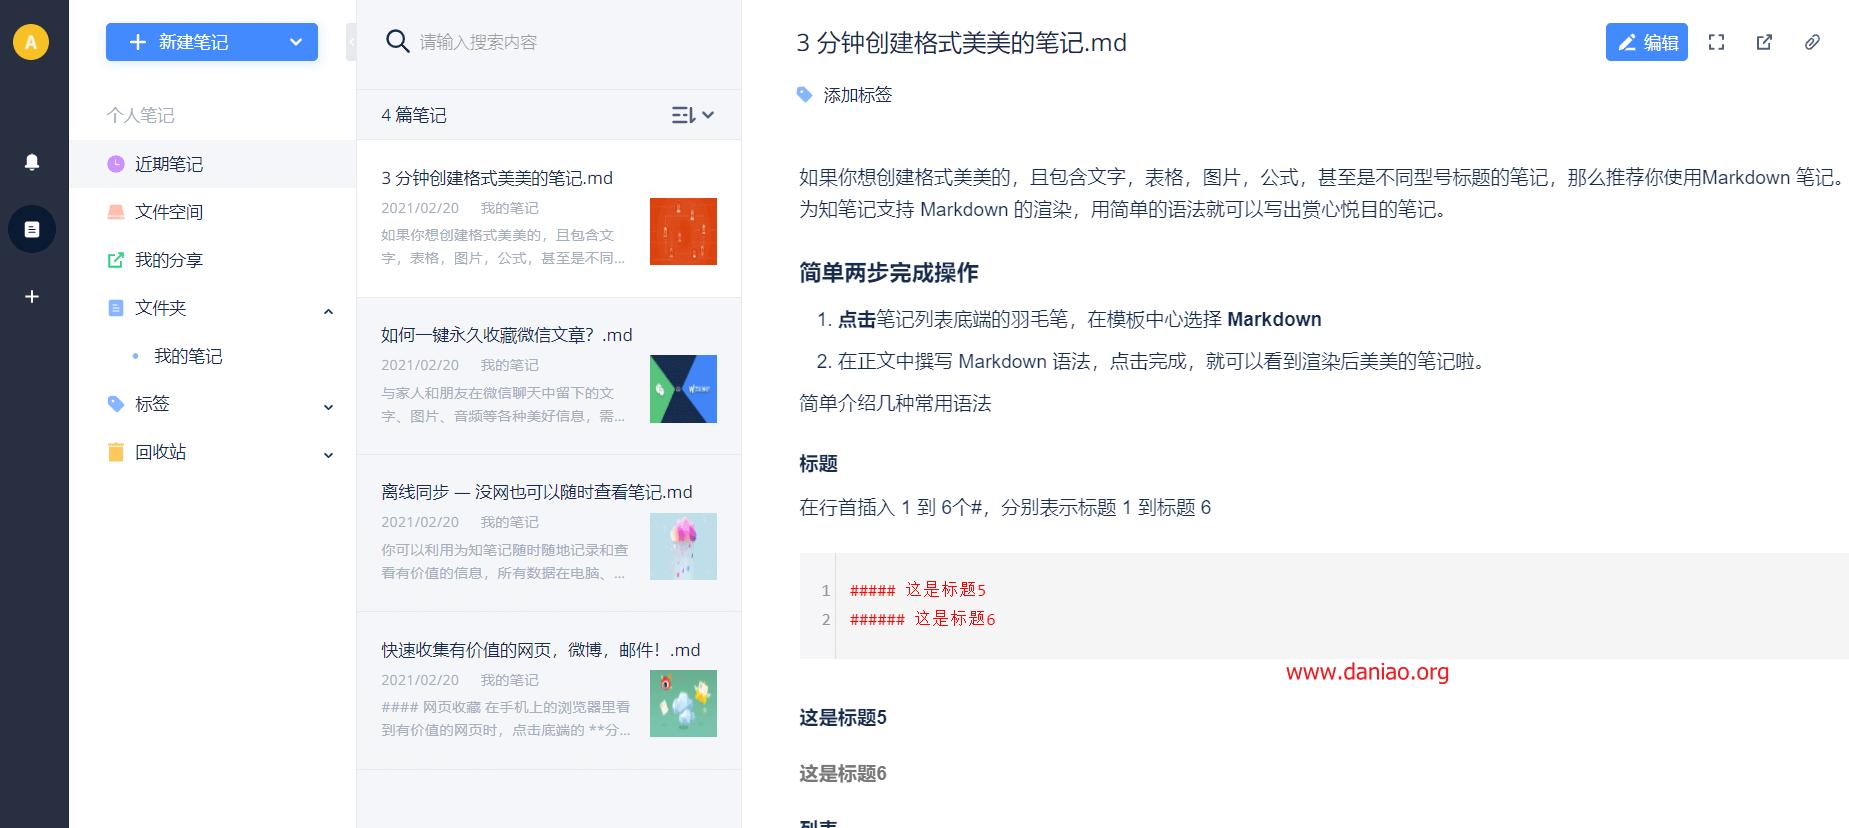 中文字幕线路1线路2线路3docker安装WizNoteLite(为知笔记开源版本)